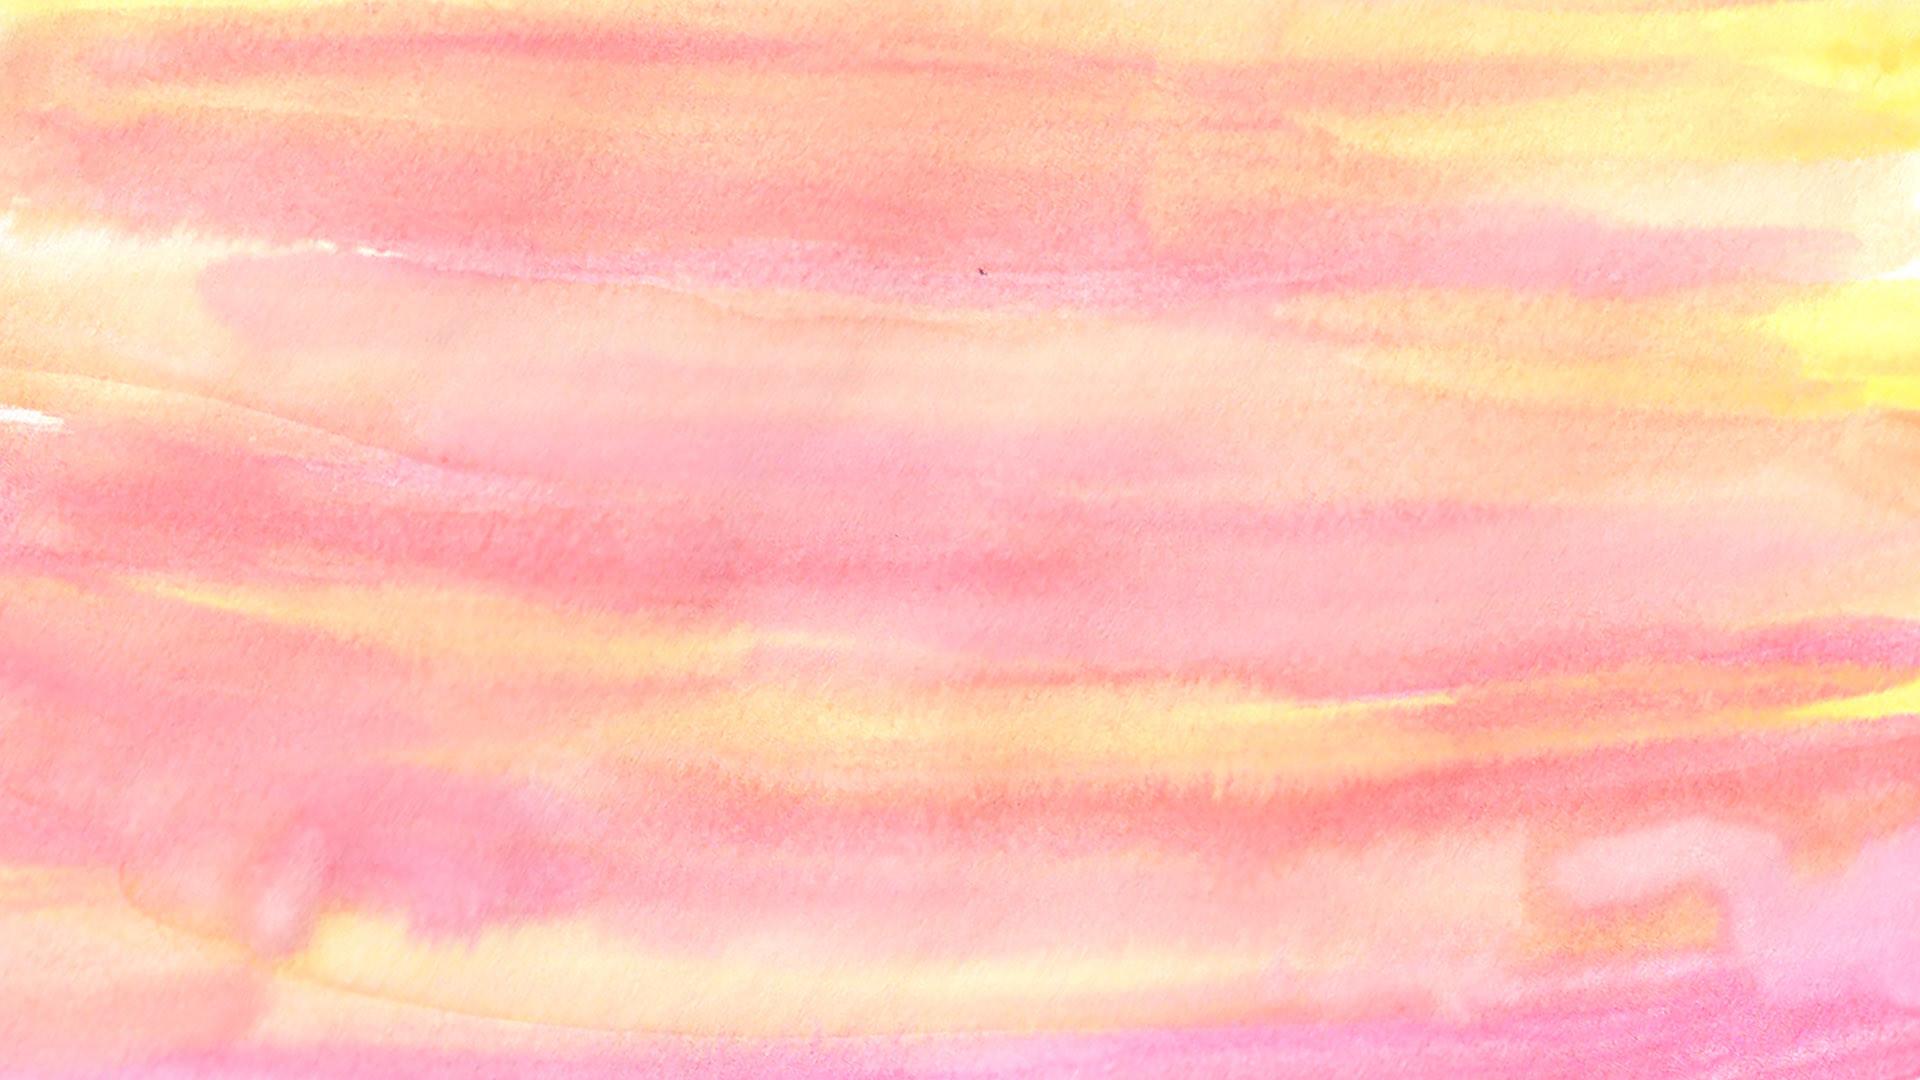 Pink Watercolour | Desktop